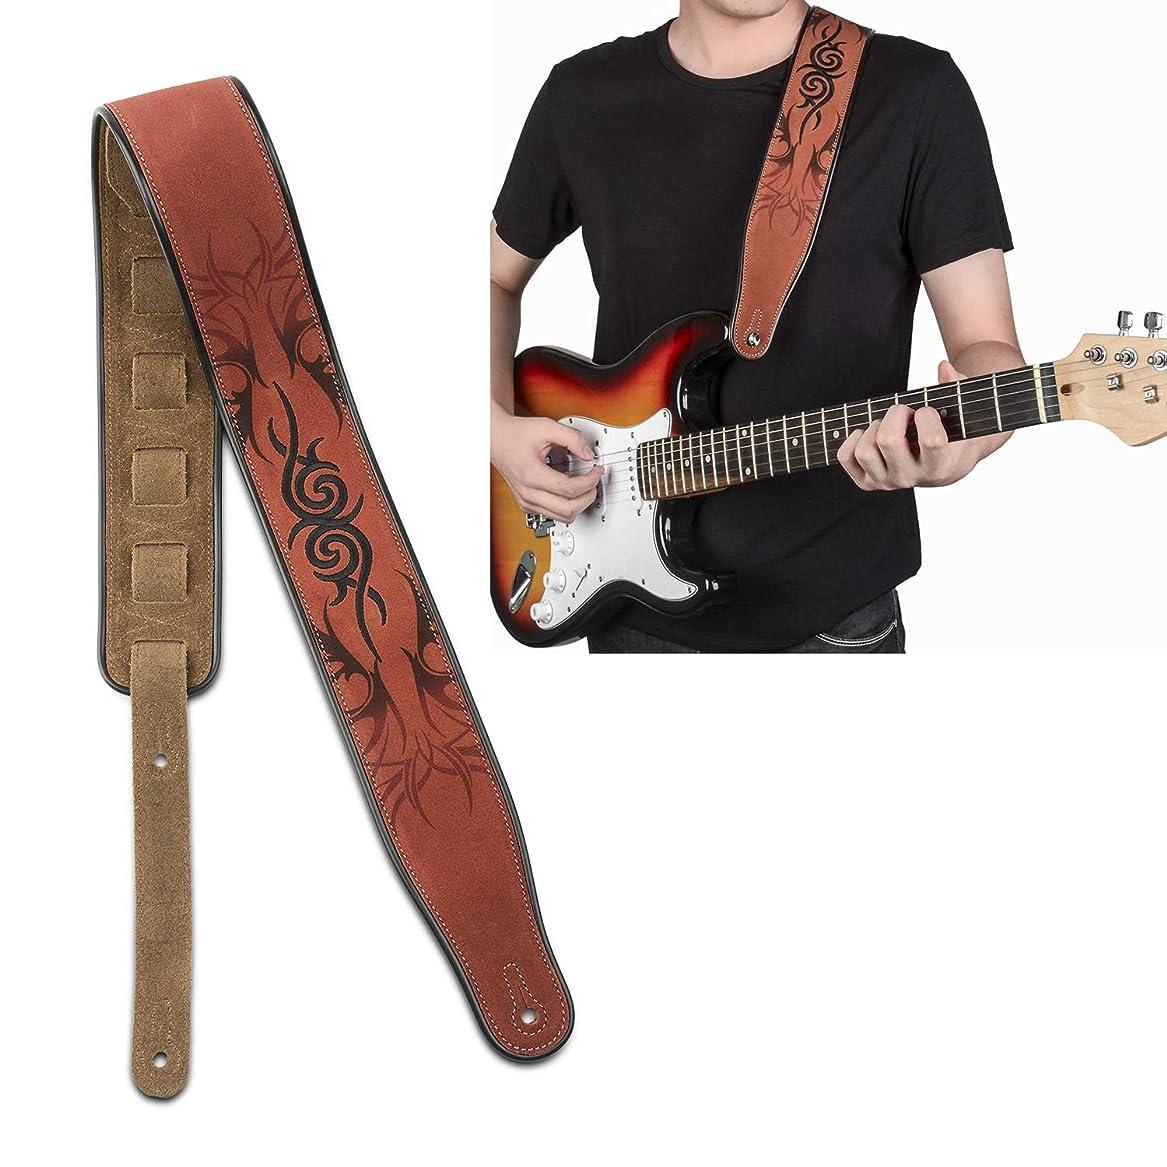 丁寧恨み文法ギターストラップ レザー 幅広 7cm エレキ ベース用ストラップ革 - マリナの逸品 スエード 滑り止め 柔らかい ギターストラップ 皮 Leather Strap(MSR2)